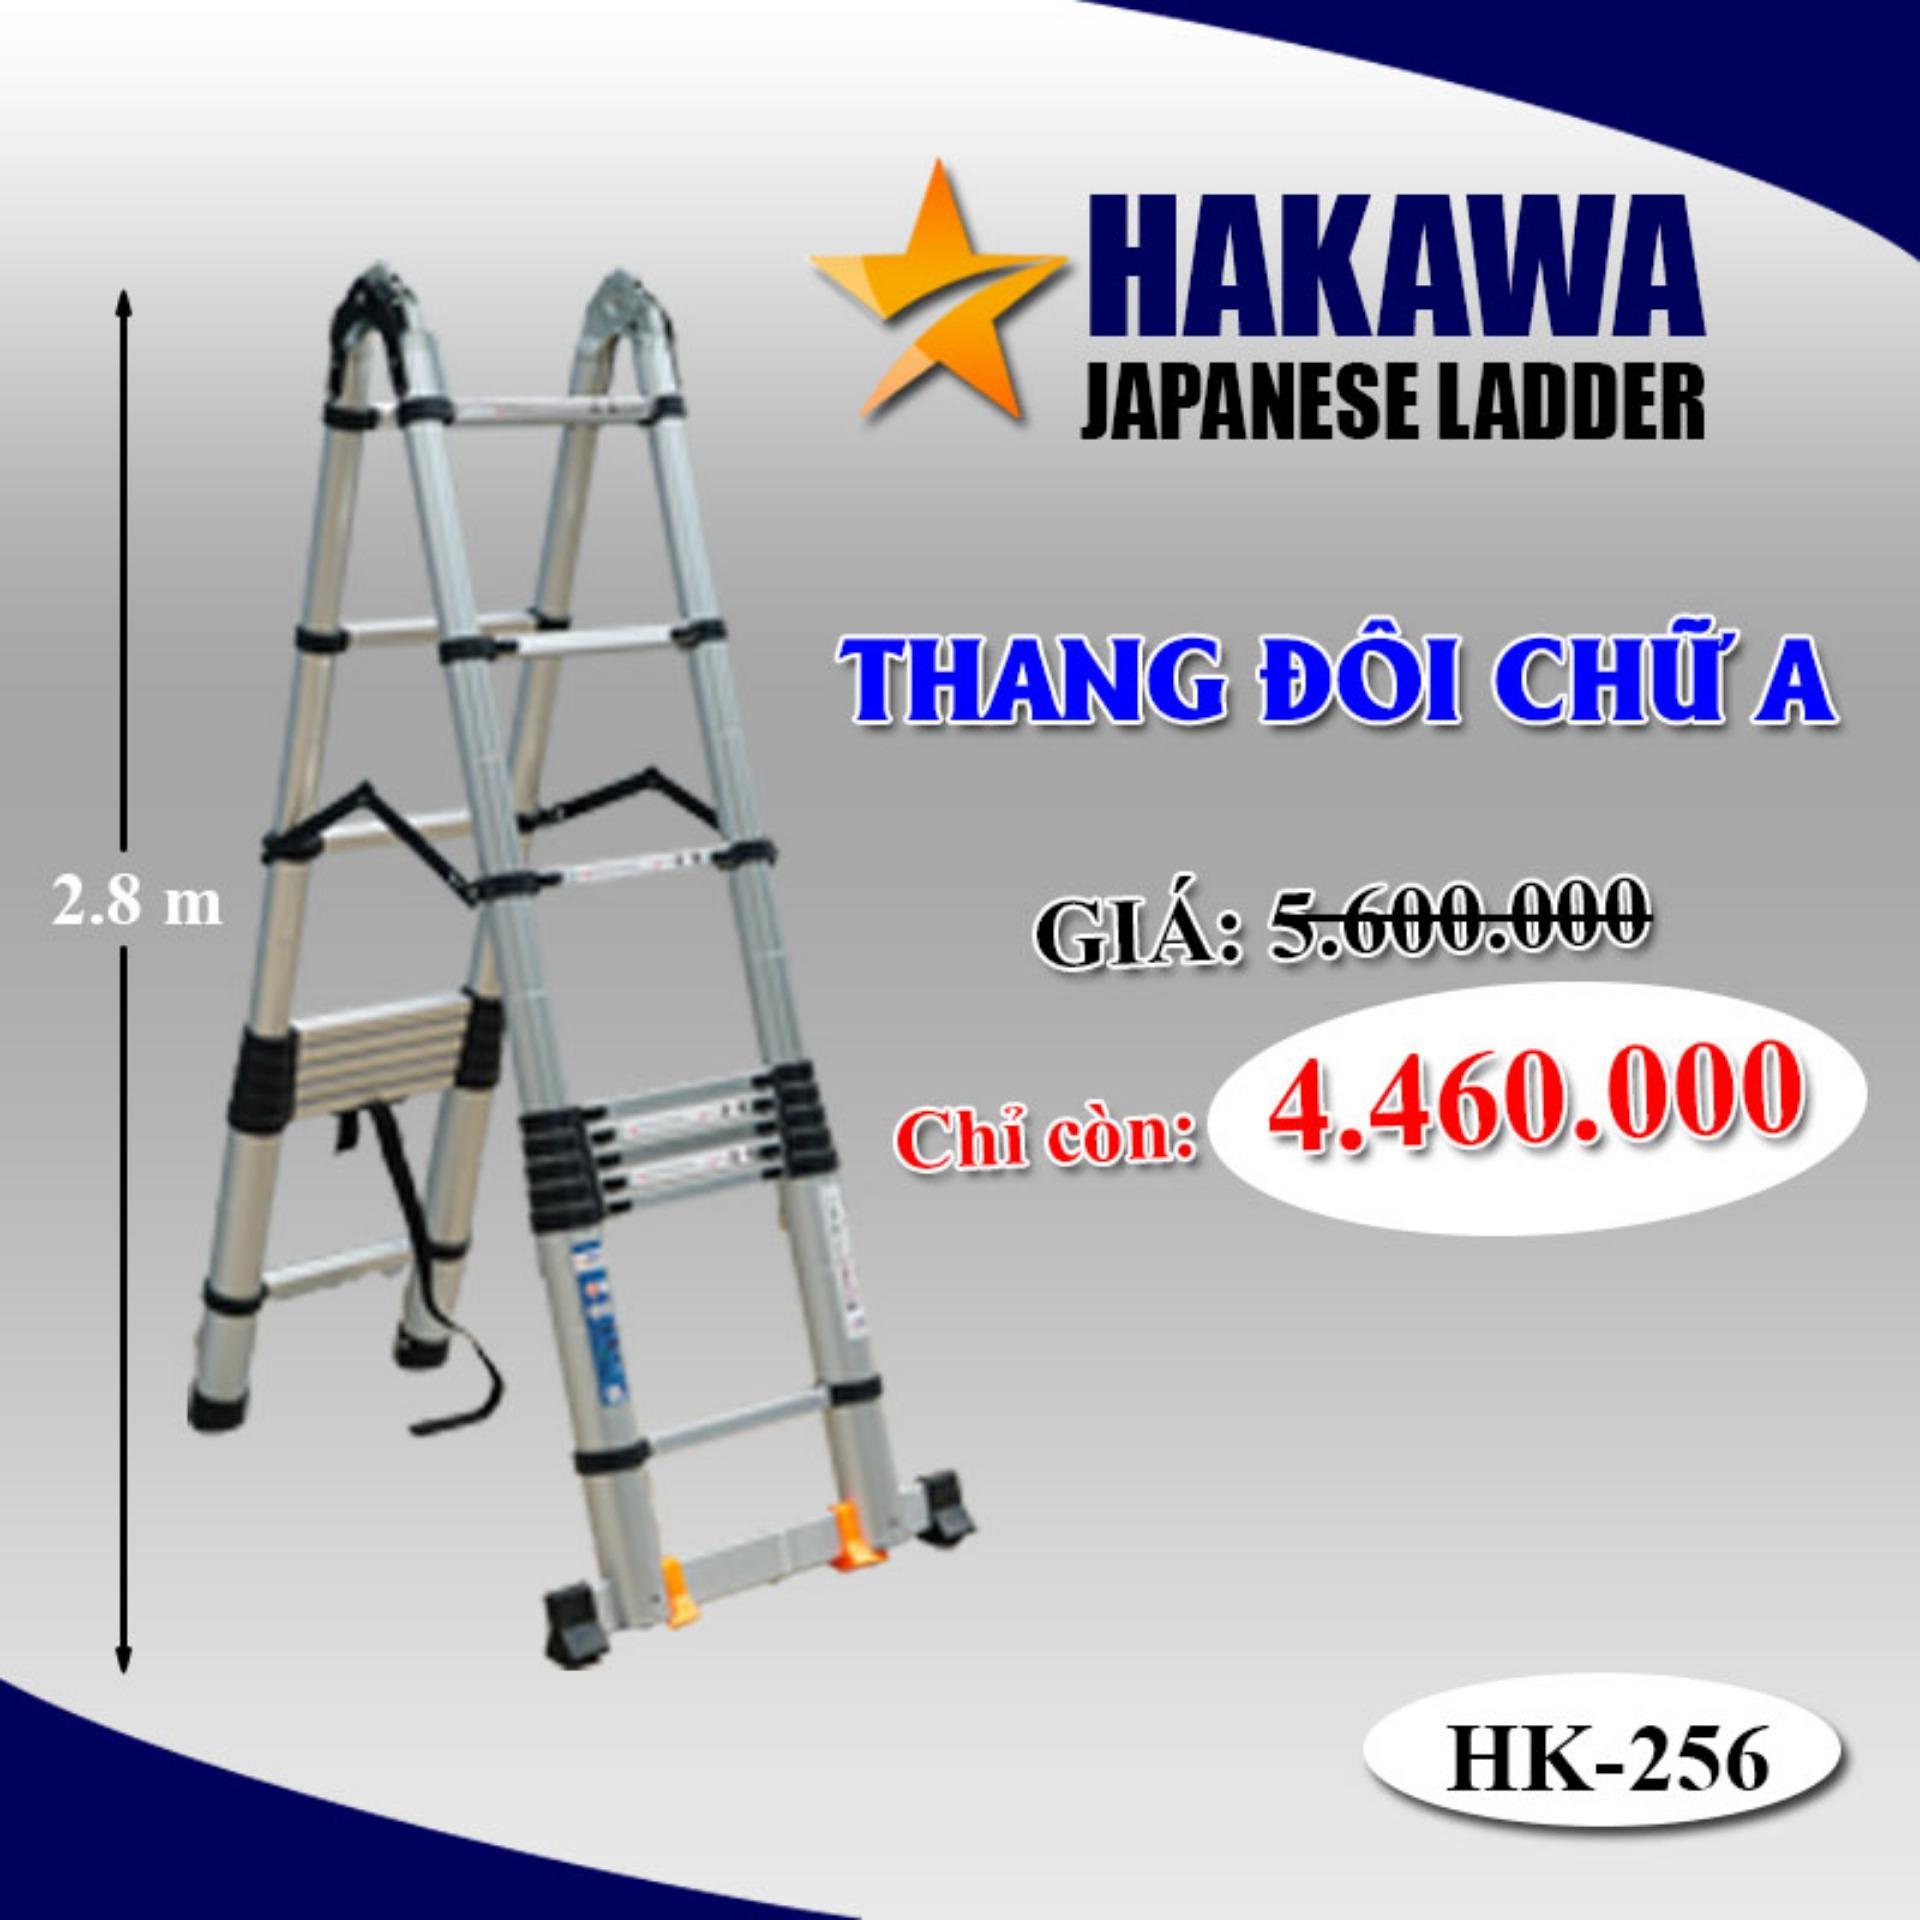 [TRỢ GIÁ LAZADA] Thang nhôm rút chữ A HAKAWA HK256 5m6 - BẢO HÀNH 2 NĂM, BAO ĐỔI 30 NGÀY NẾU LỖI KỸ THUẬT